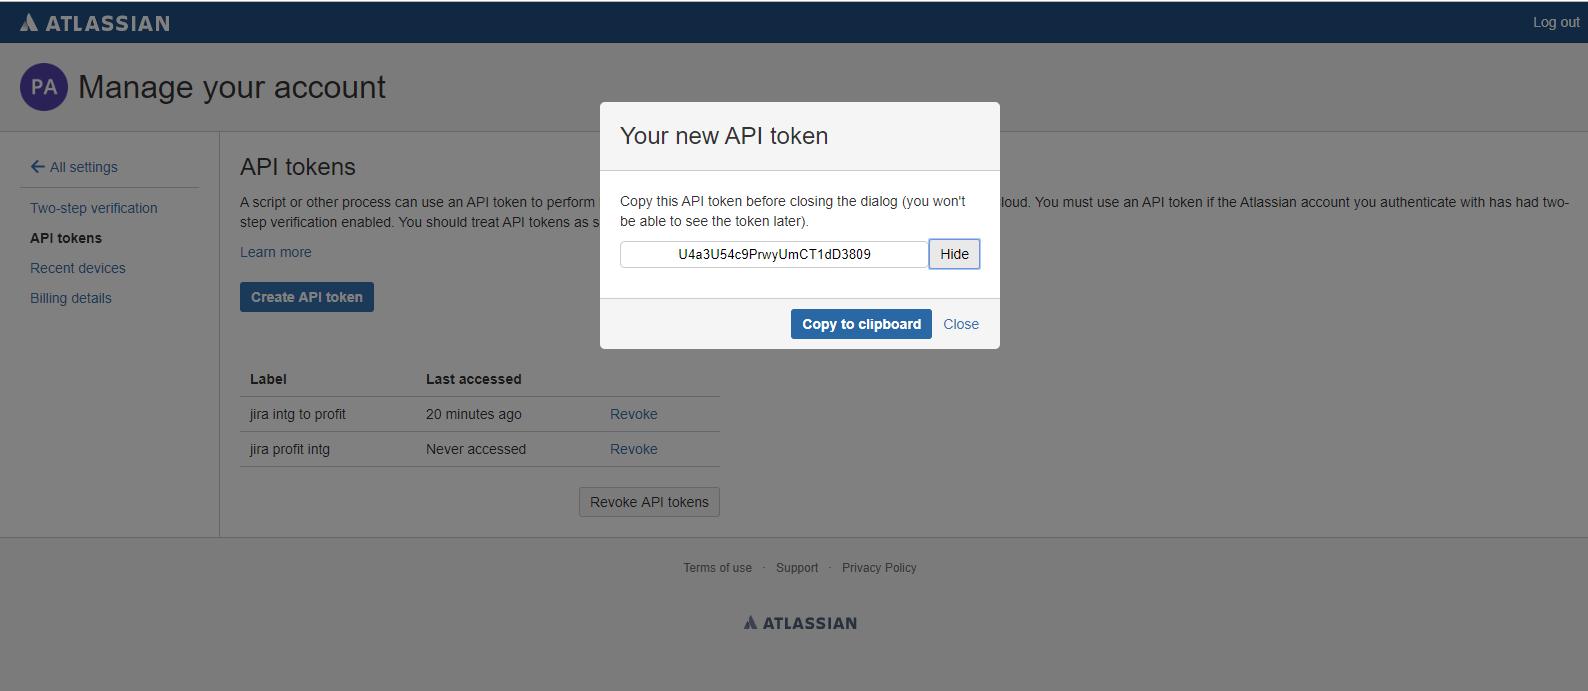 new API token